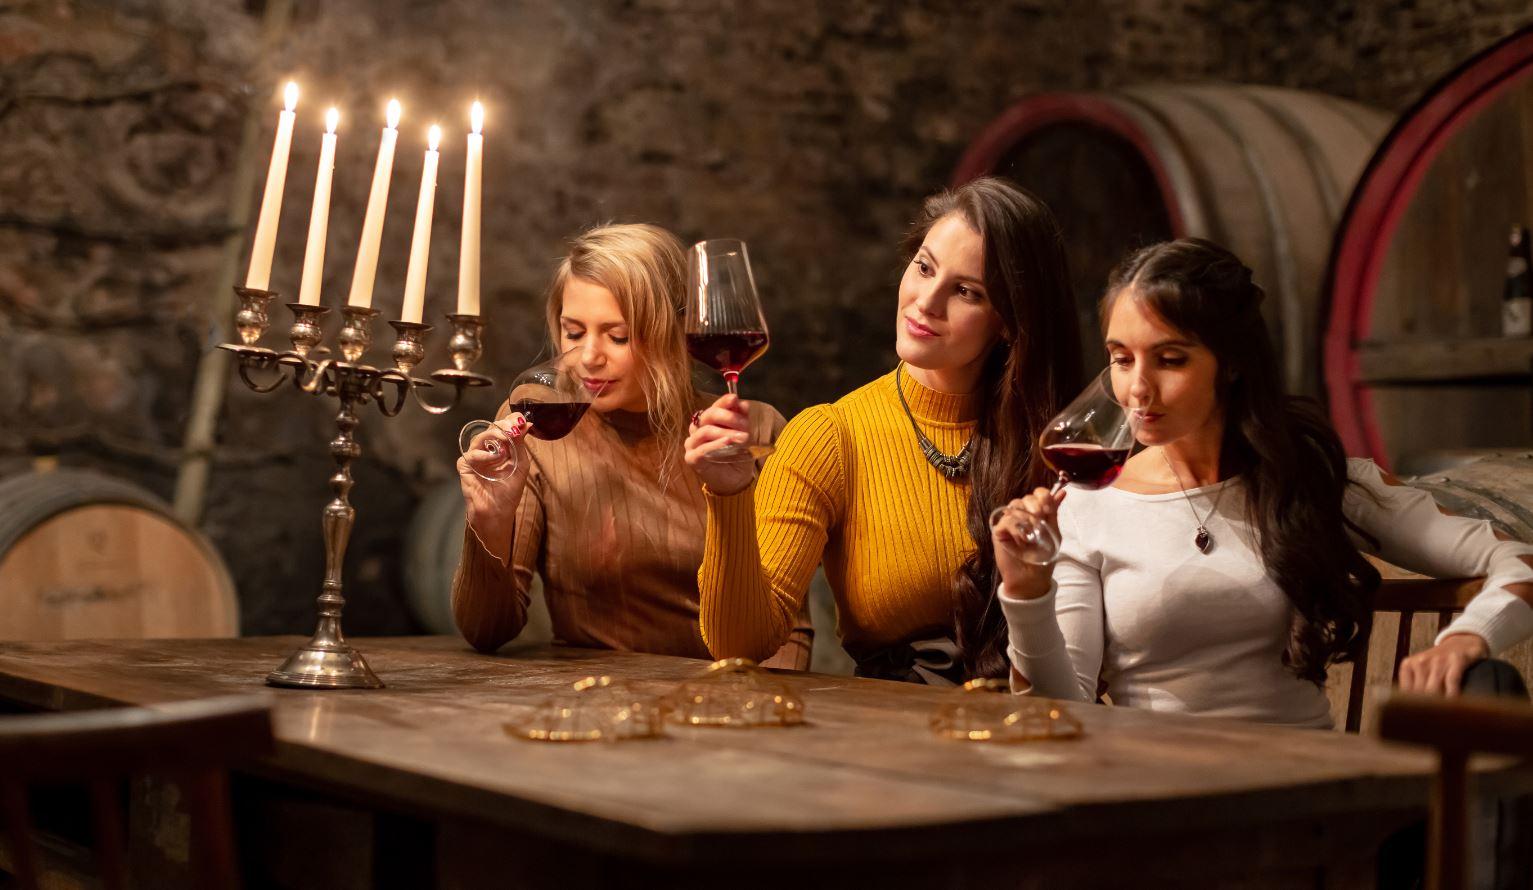 Weinkönigin Angelina Vogt 100 Tage im Amt: Aufklärung ist Teil meines Jobs  - Gourmetwelten - Das Genussportal